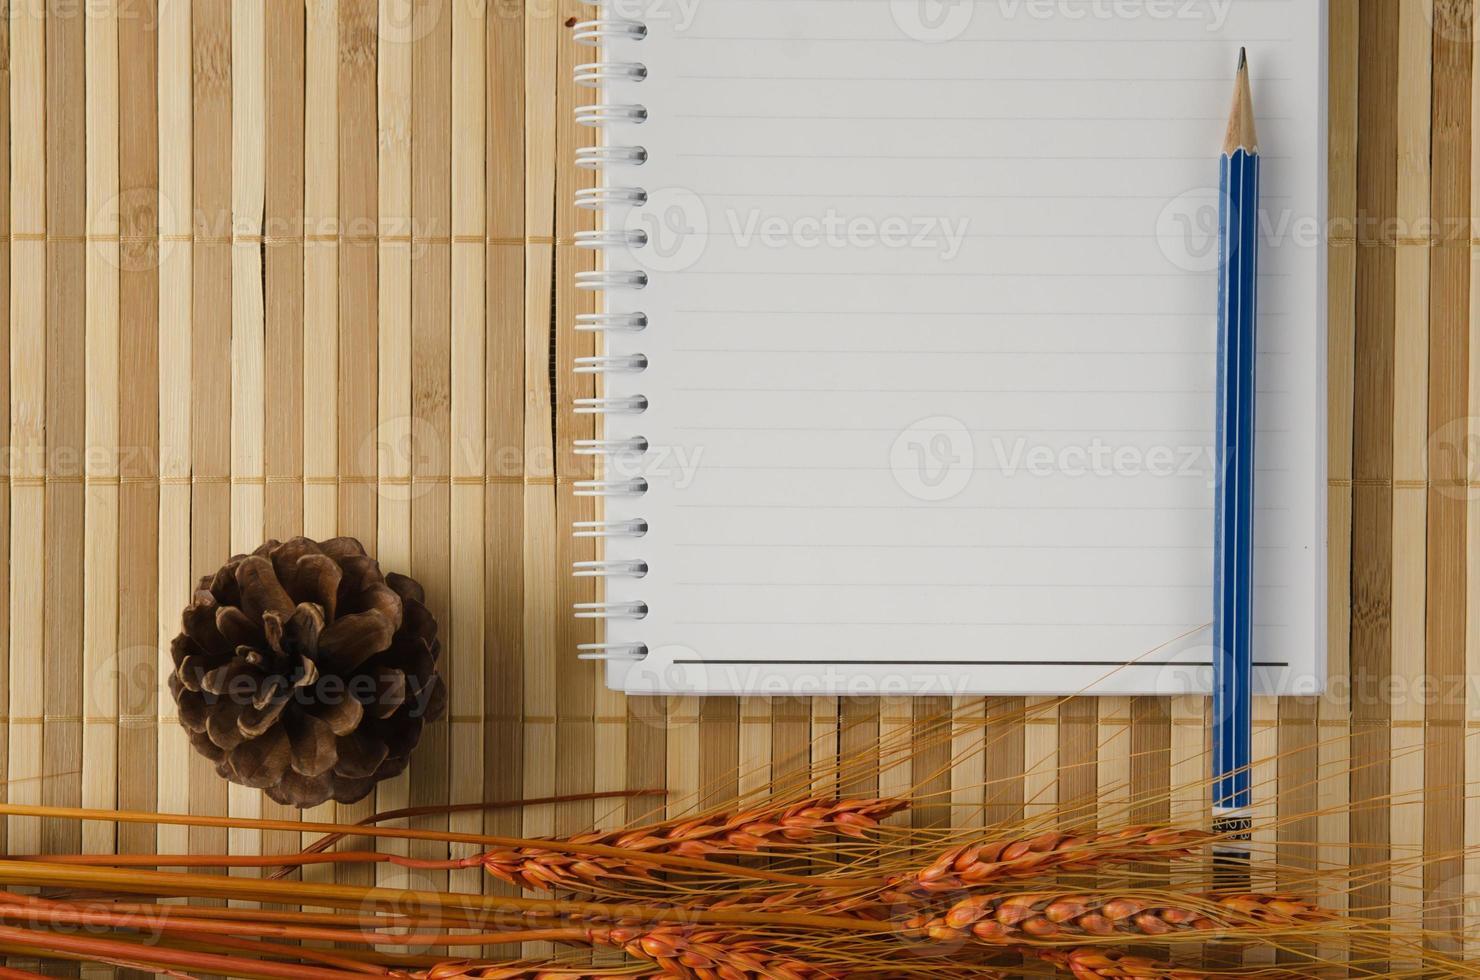 cuaderno de cuaderno espiral en blanco foto